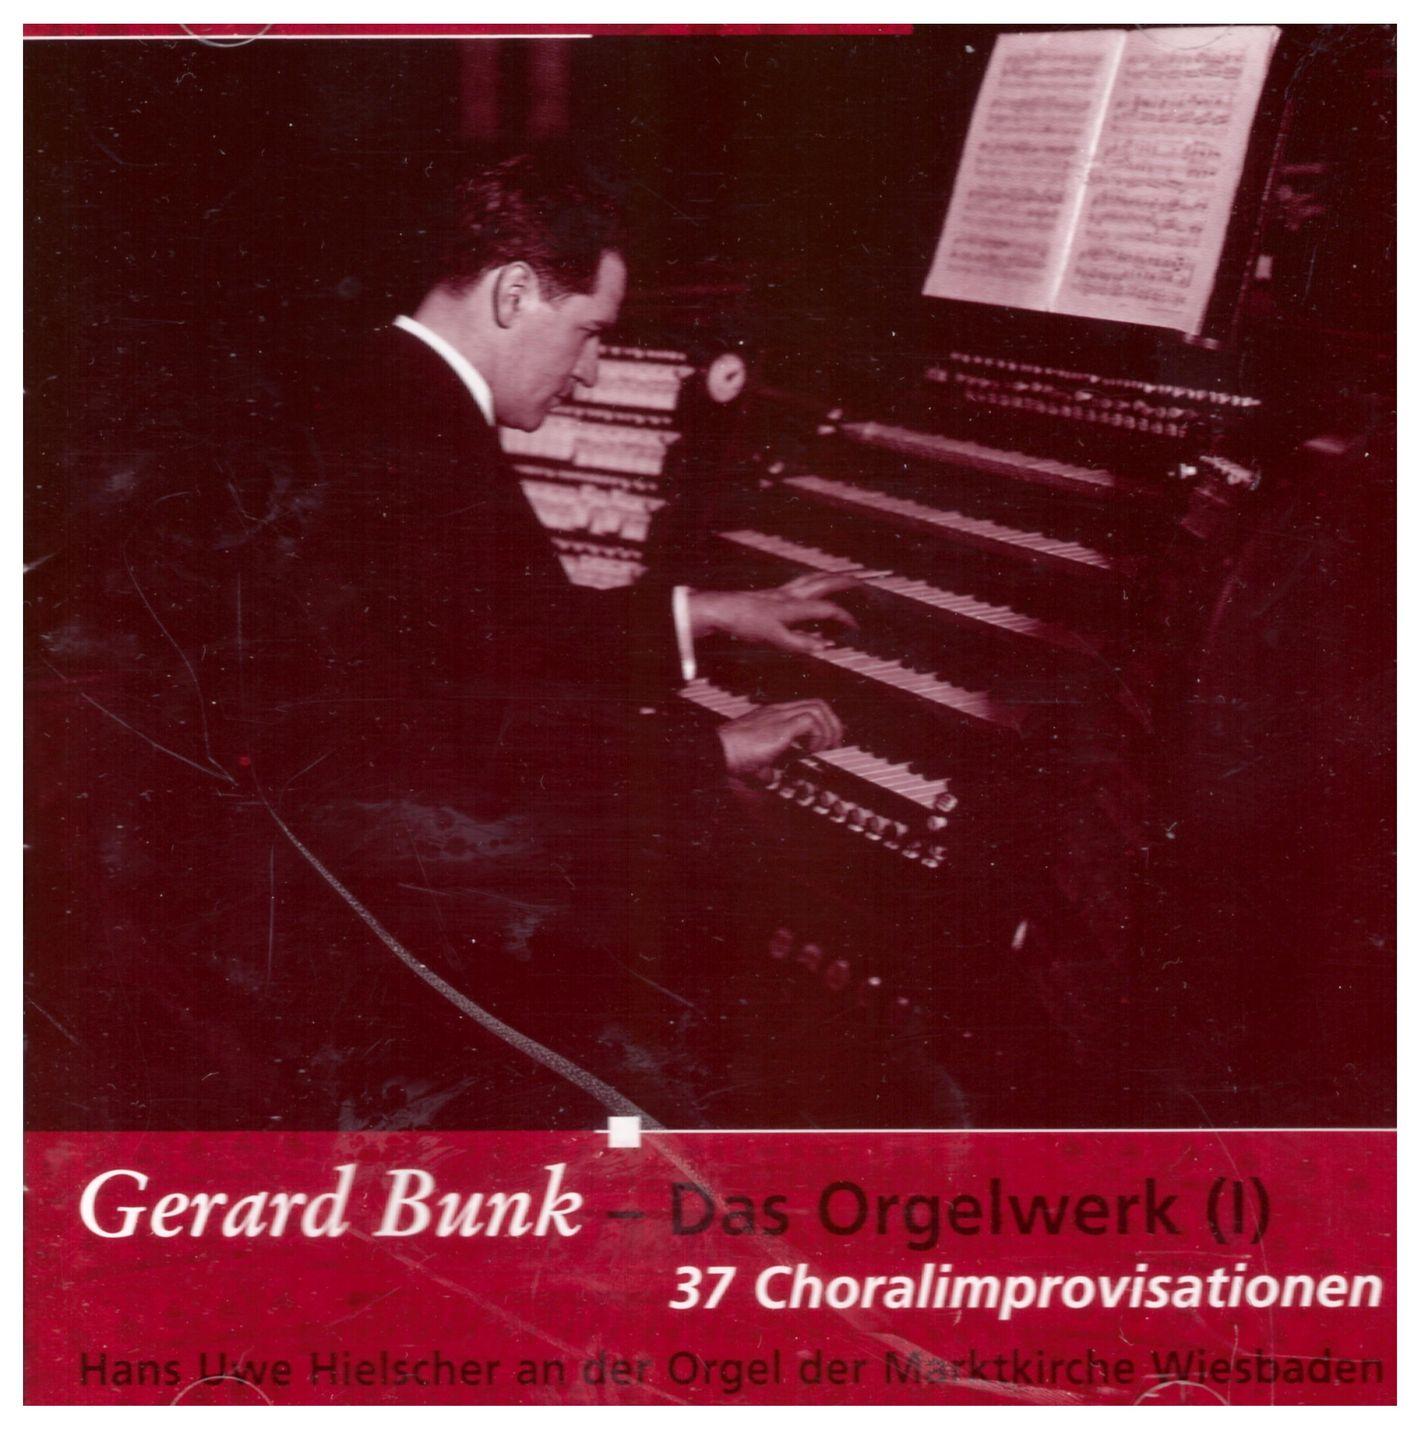 Gerard Bunk:<br>Das Orgelwerk II